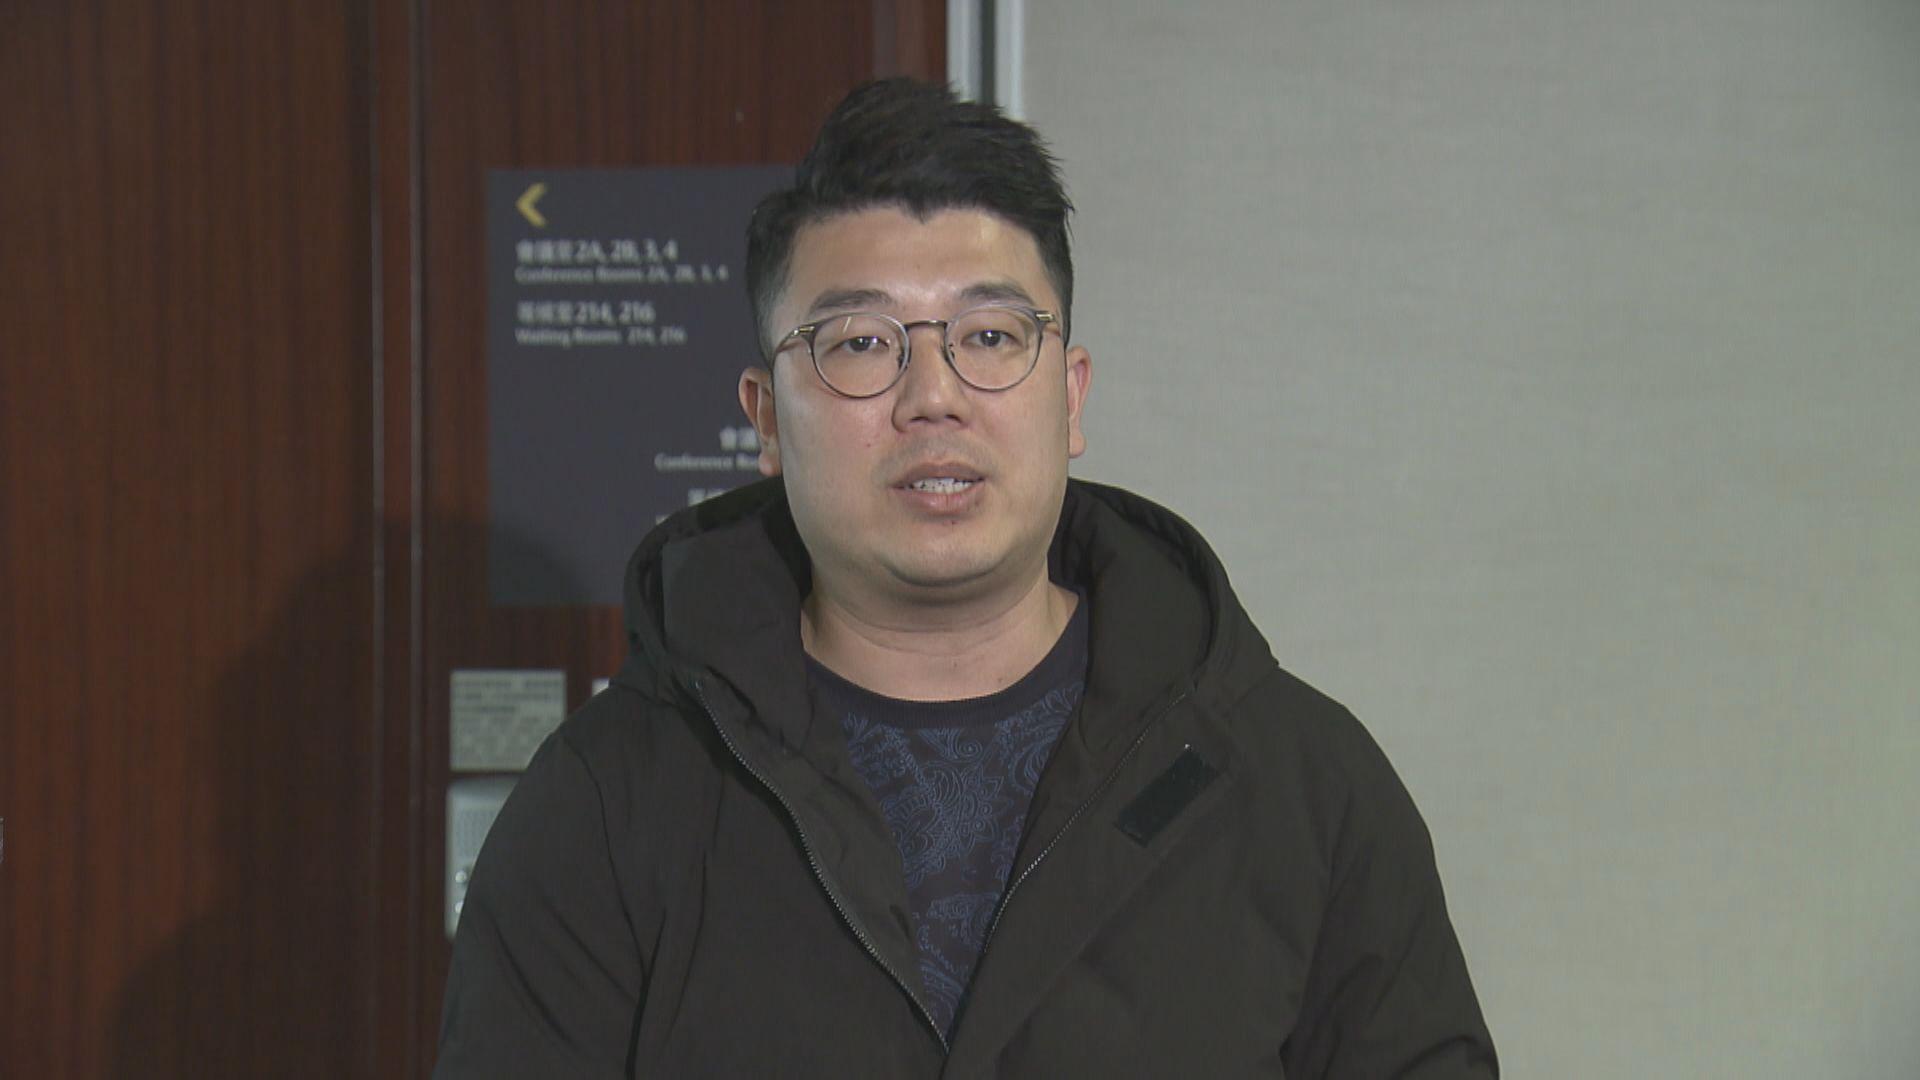 劉國勳:局部發展高球場要先評估交通等配套能否負荷